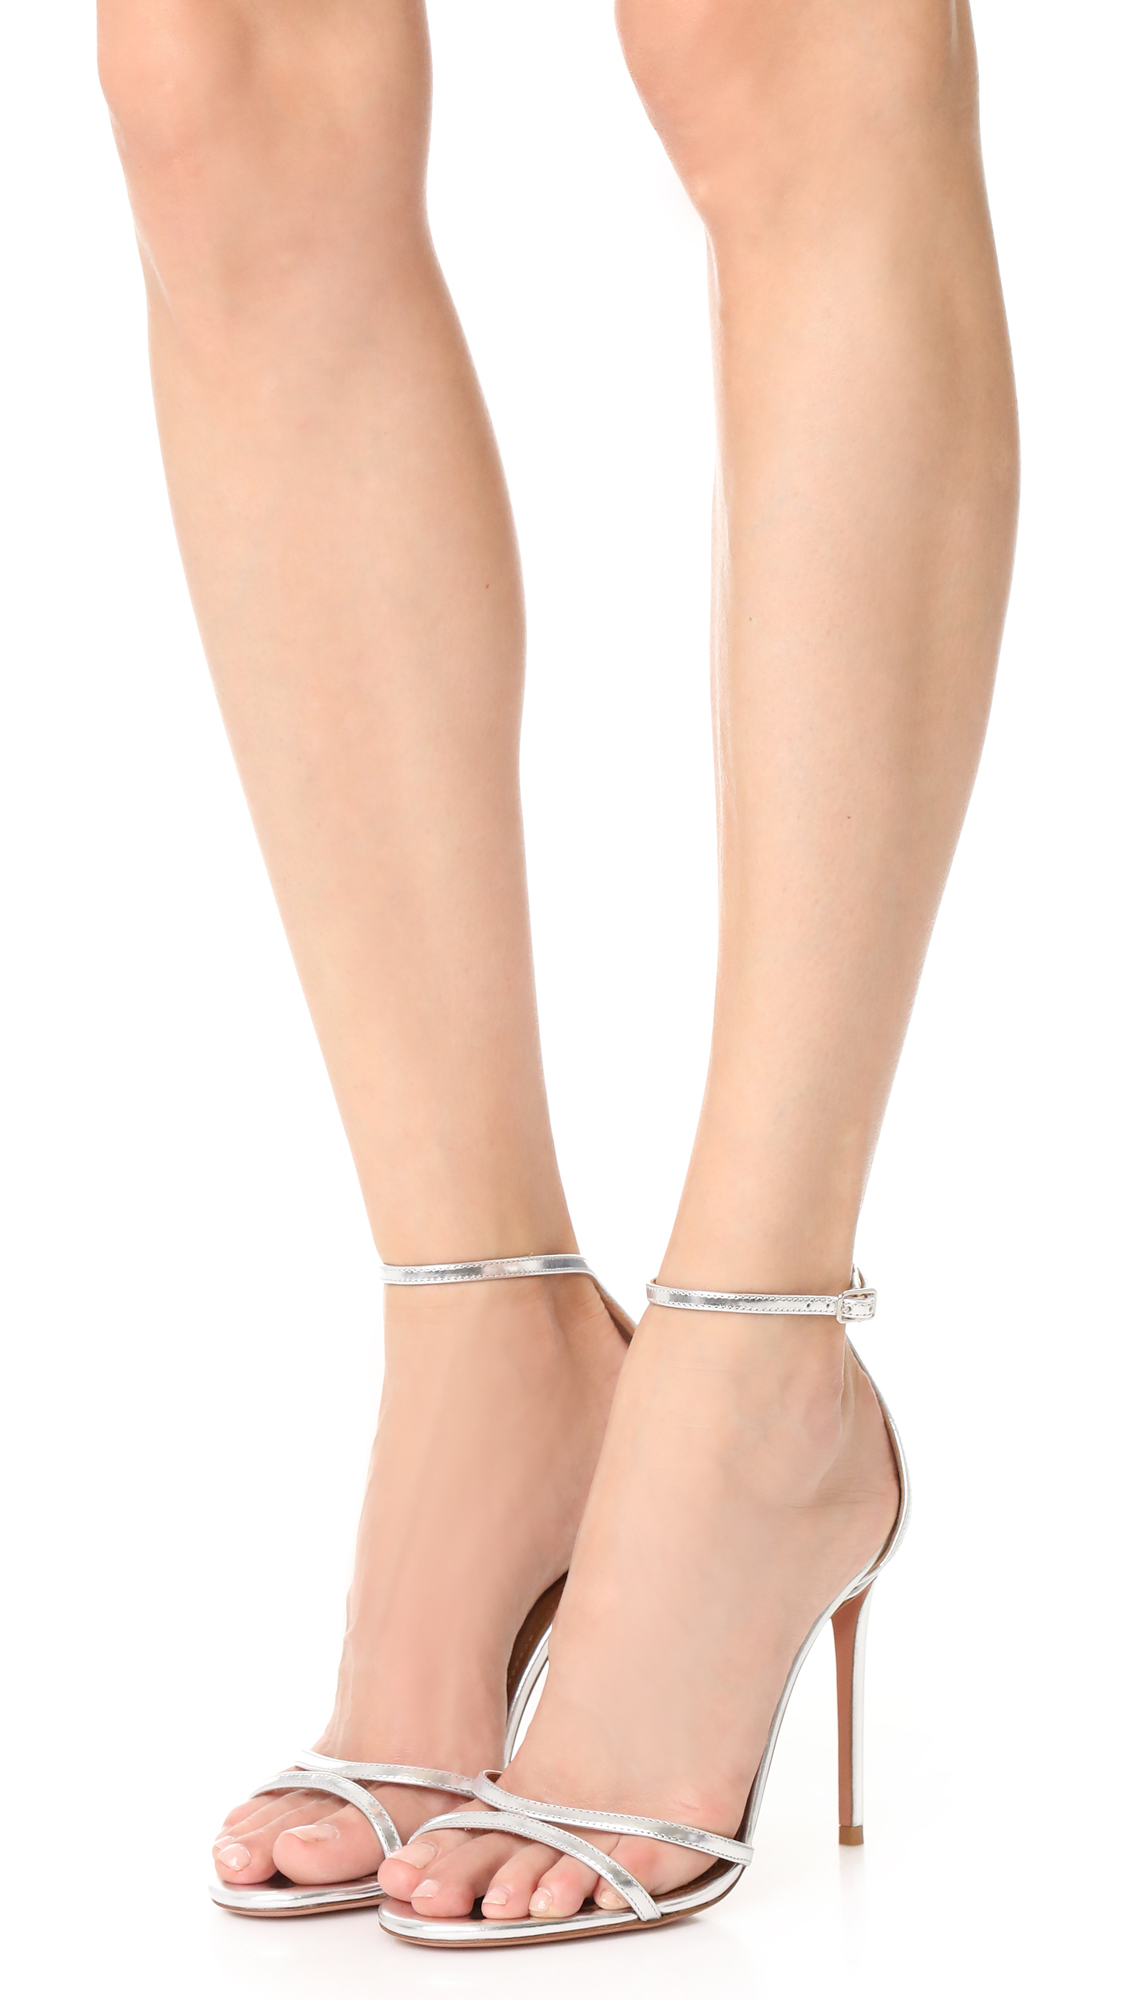 Aquazzura Purist sandals Huge Surprise For Sale 5fhlQp86i9